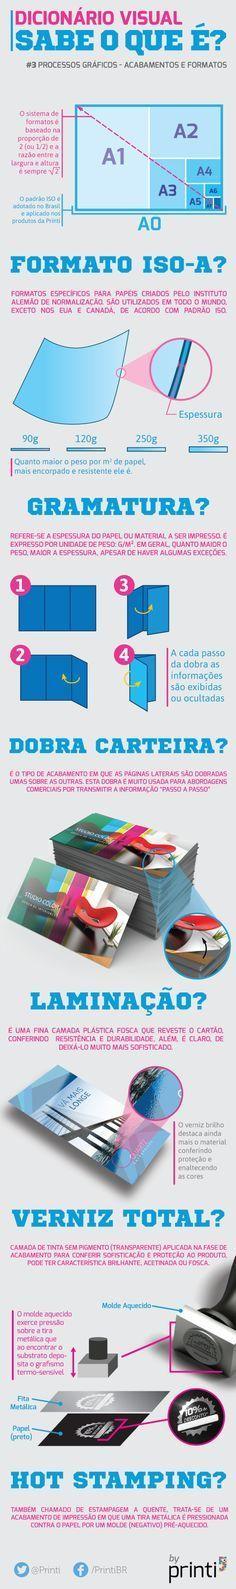 Infográfico Dicionário Visual - Acabamentos e Formatos